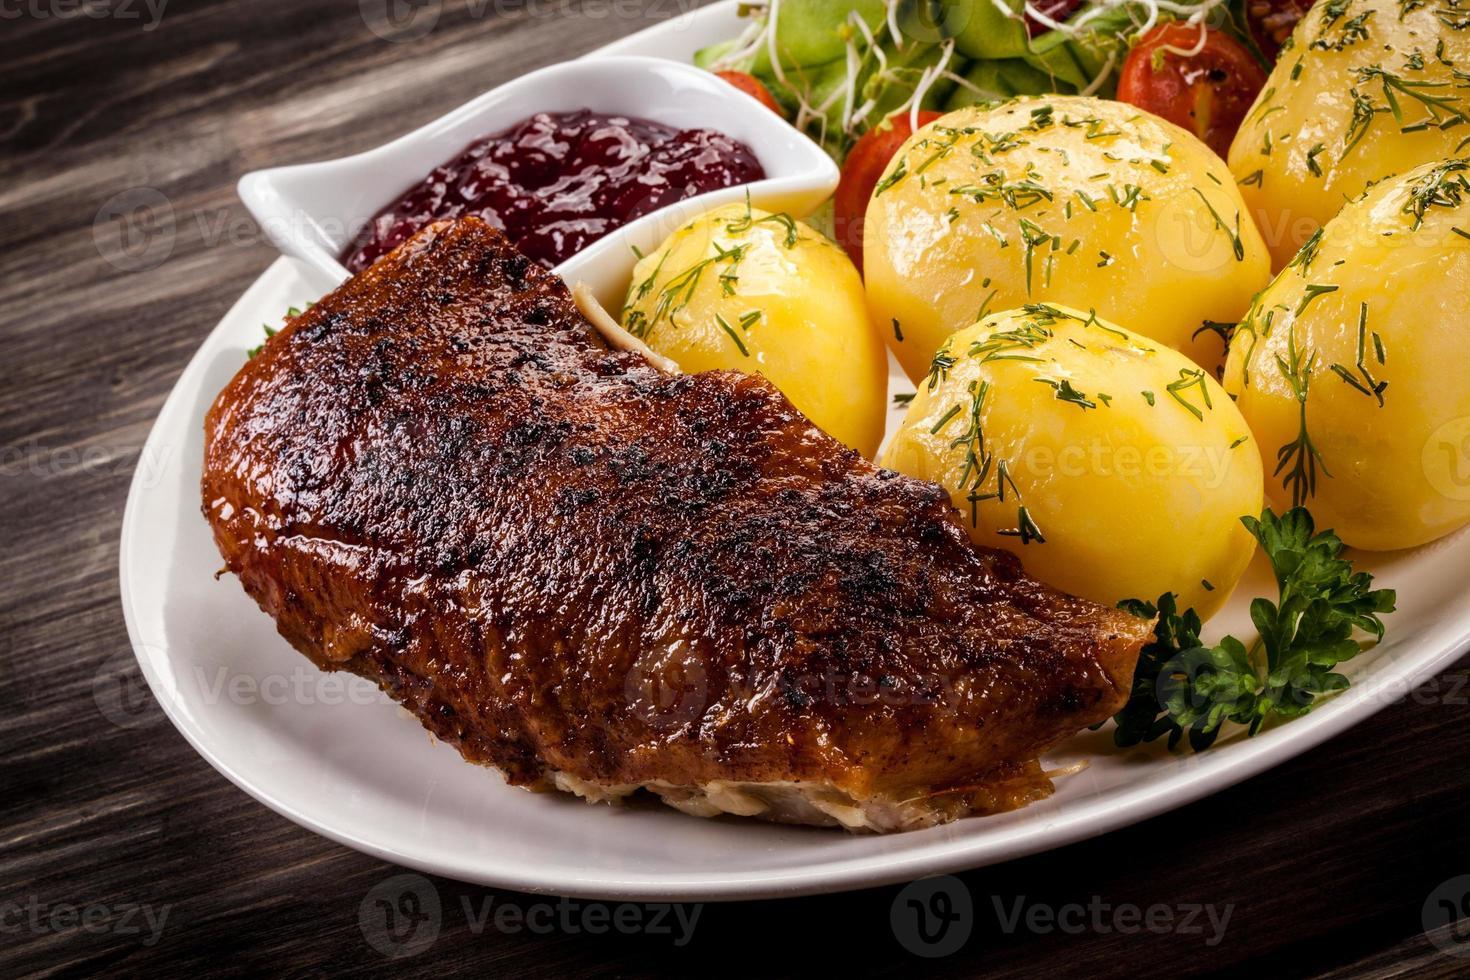 filete de pato asado, papas hervidas y ensalada de verduras foto